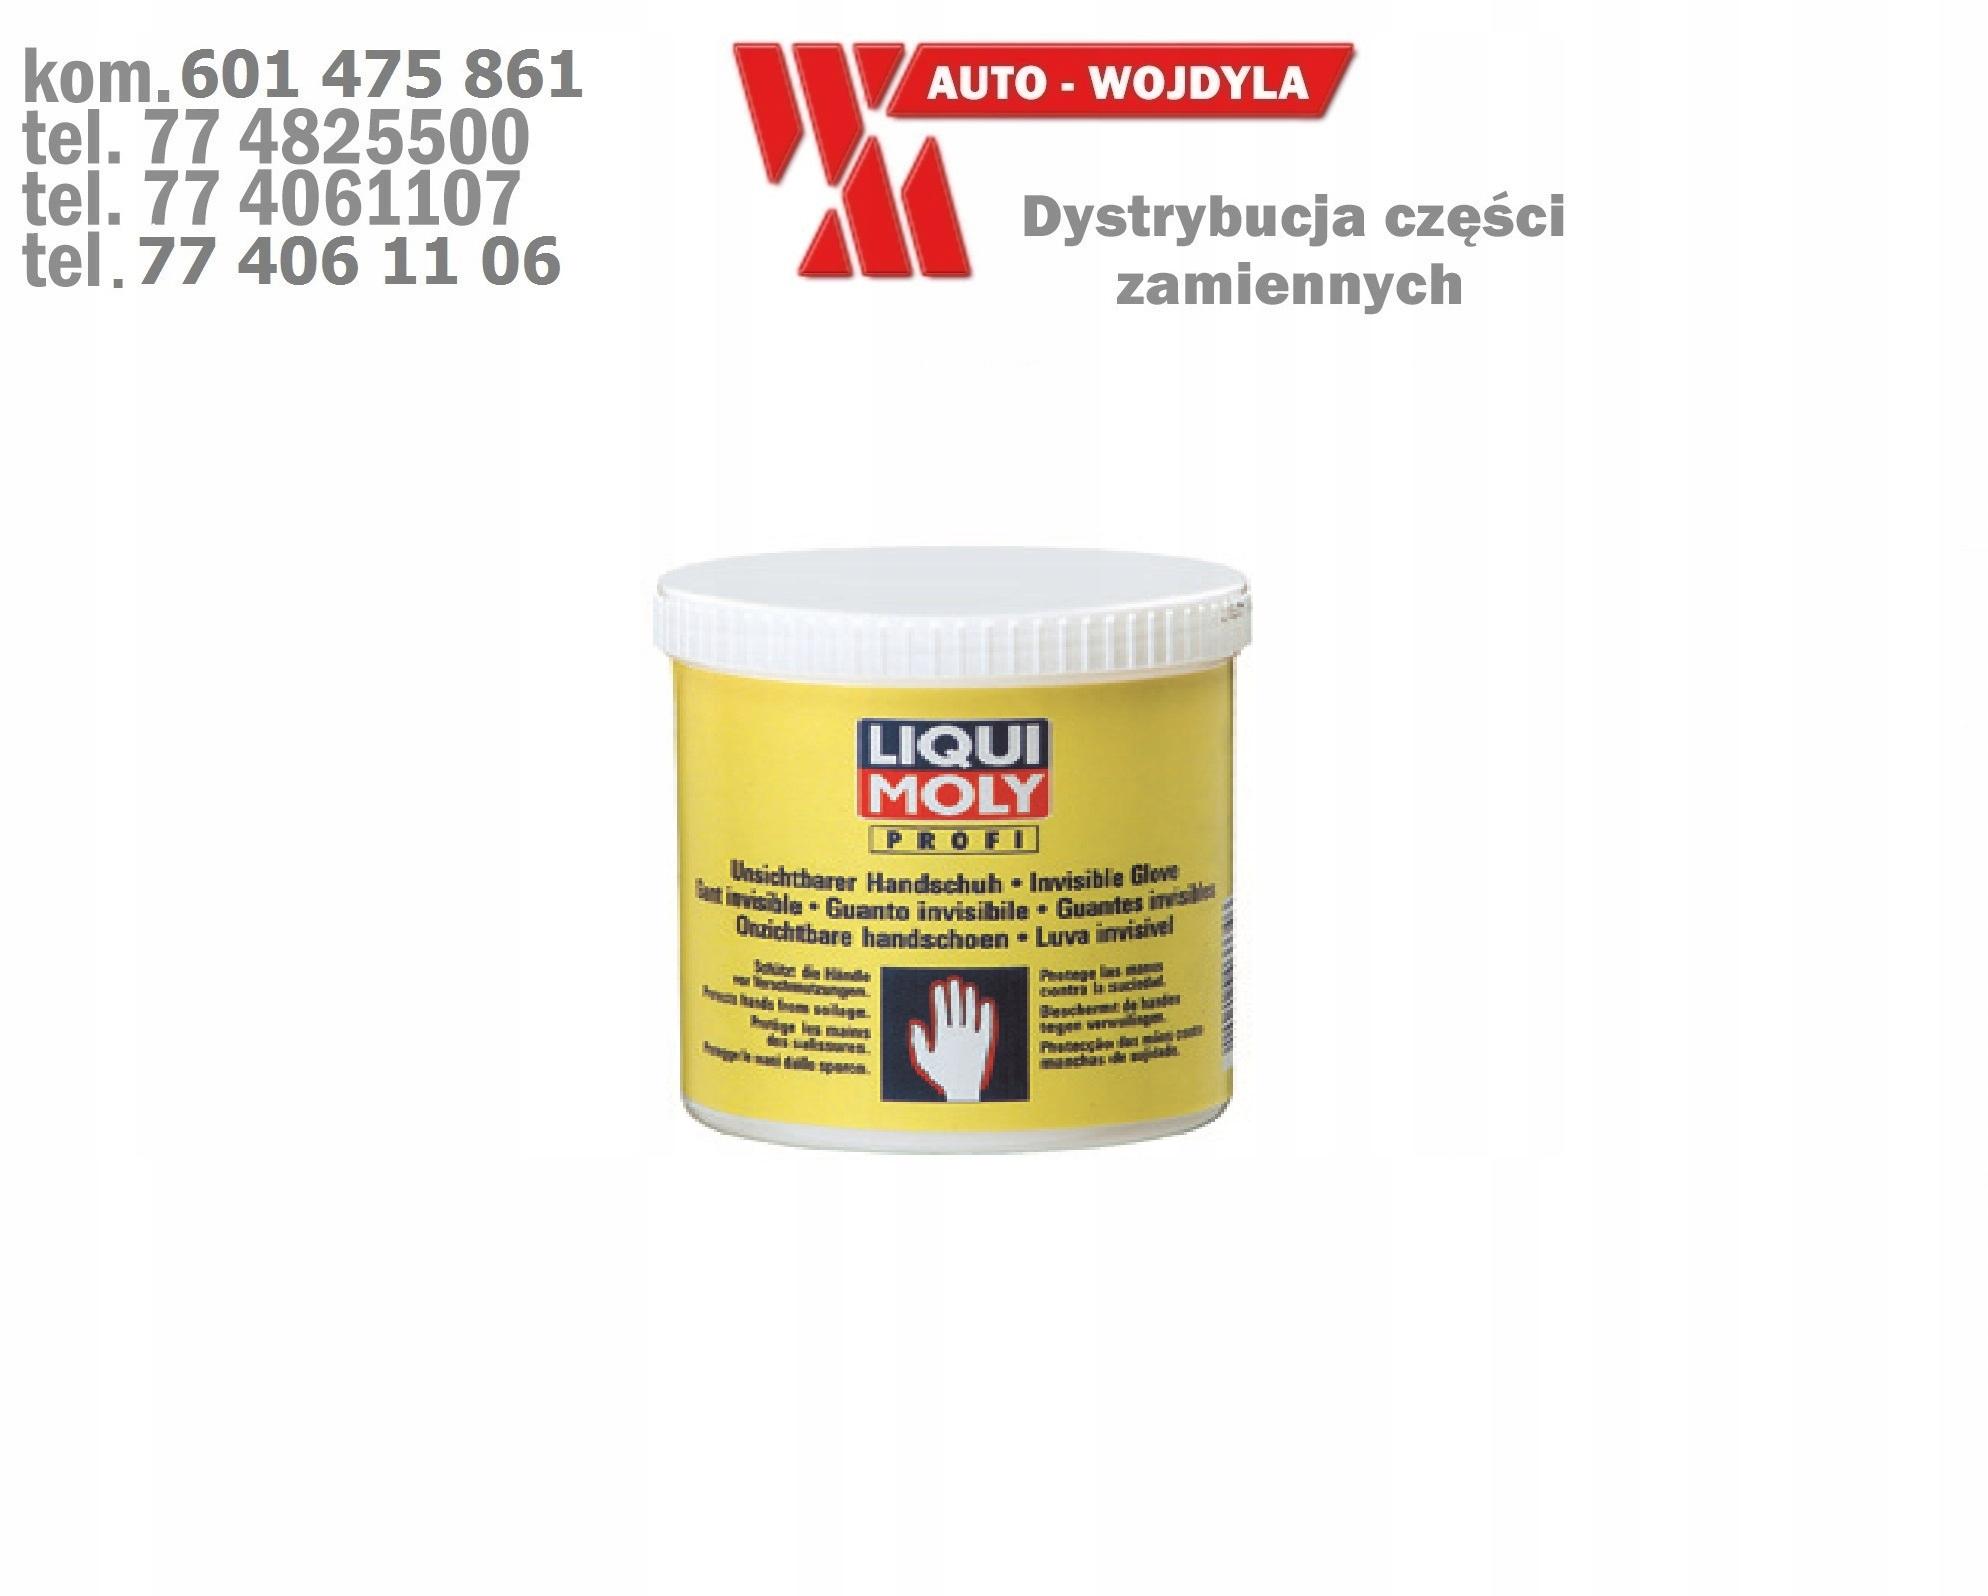 Niewidzialna rękawiczka L3334 650 ml Liqui Moly